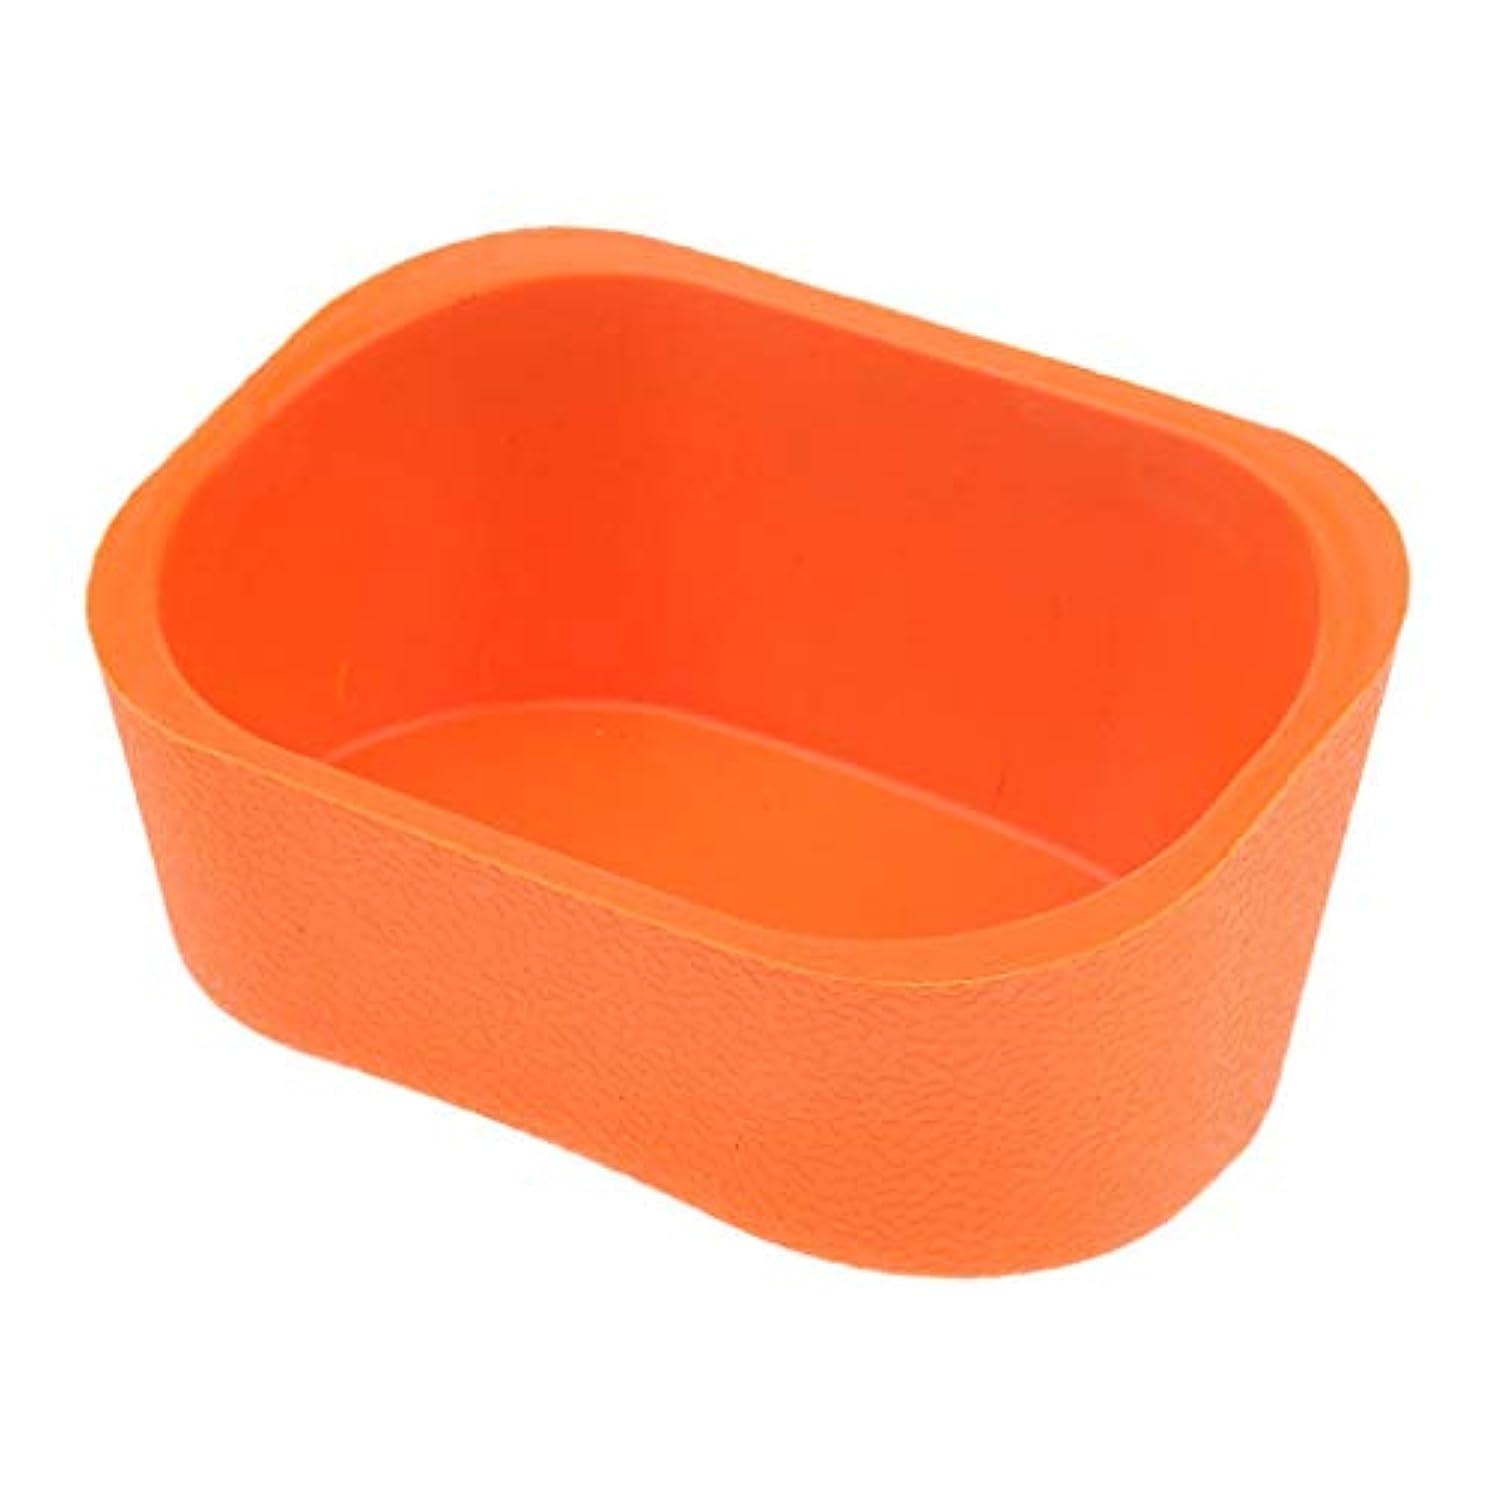 ベスト納得させる分類するシャンプーボウル ネックレス クッション ピロー ヘアサロン ソフト シリコンゲル 5色選べ - オレンジ